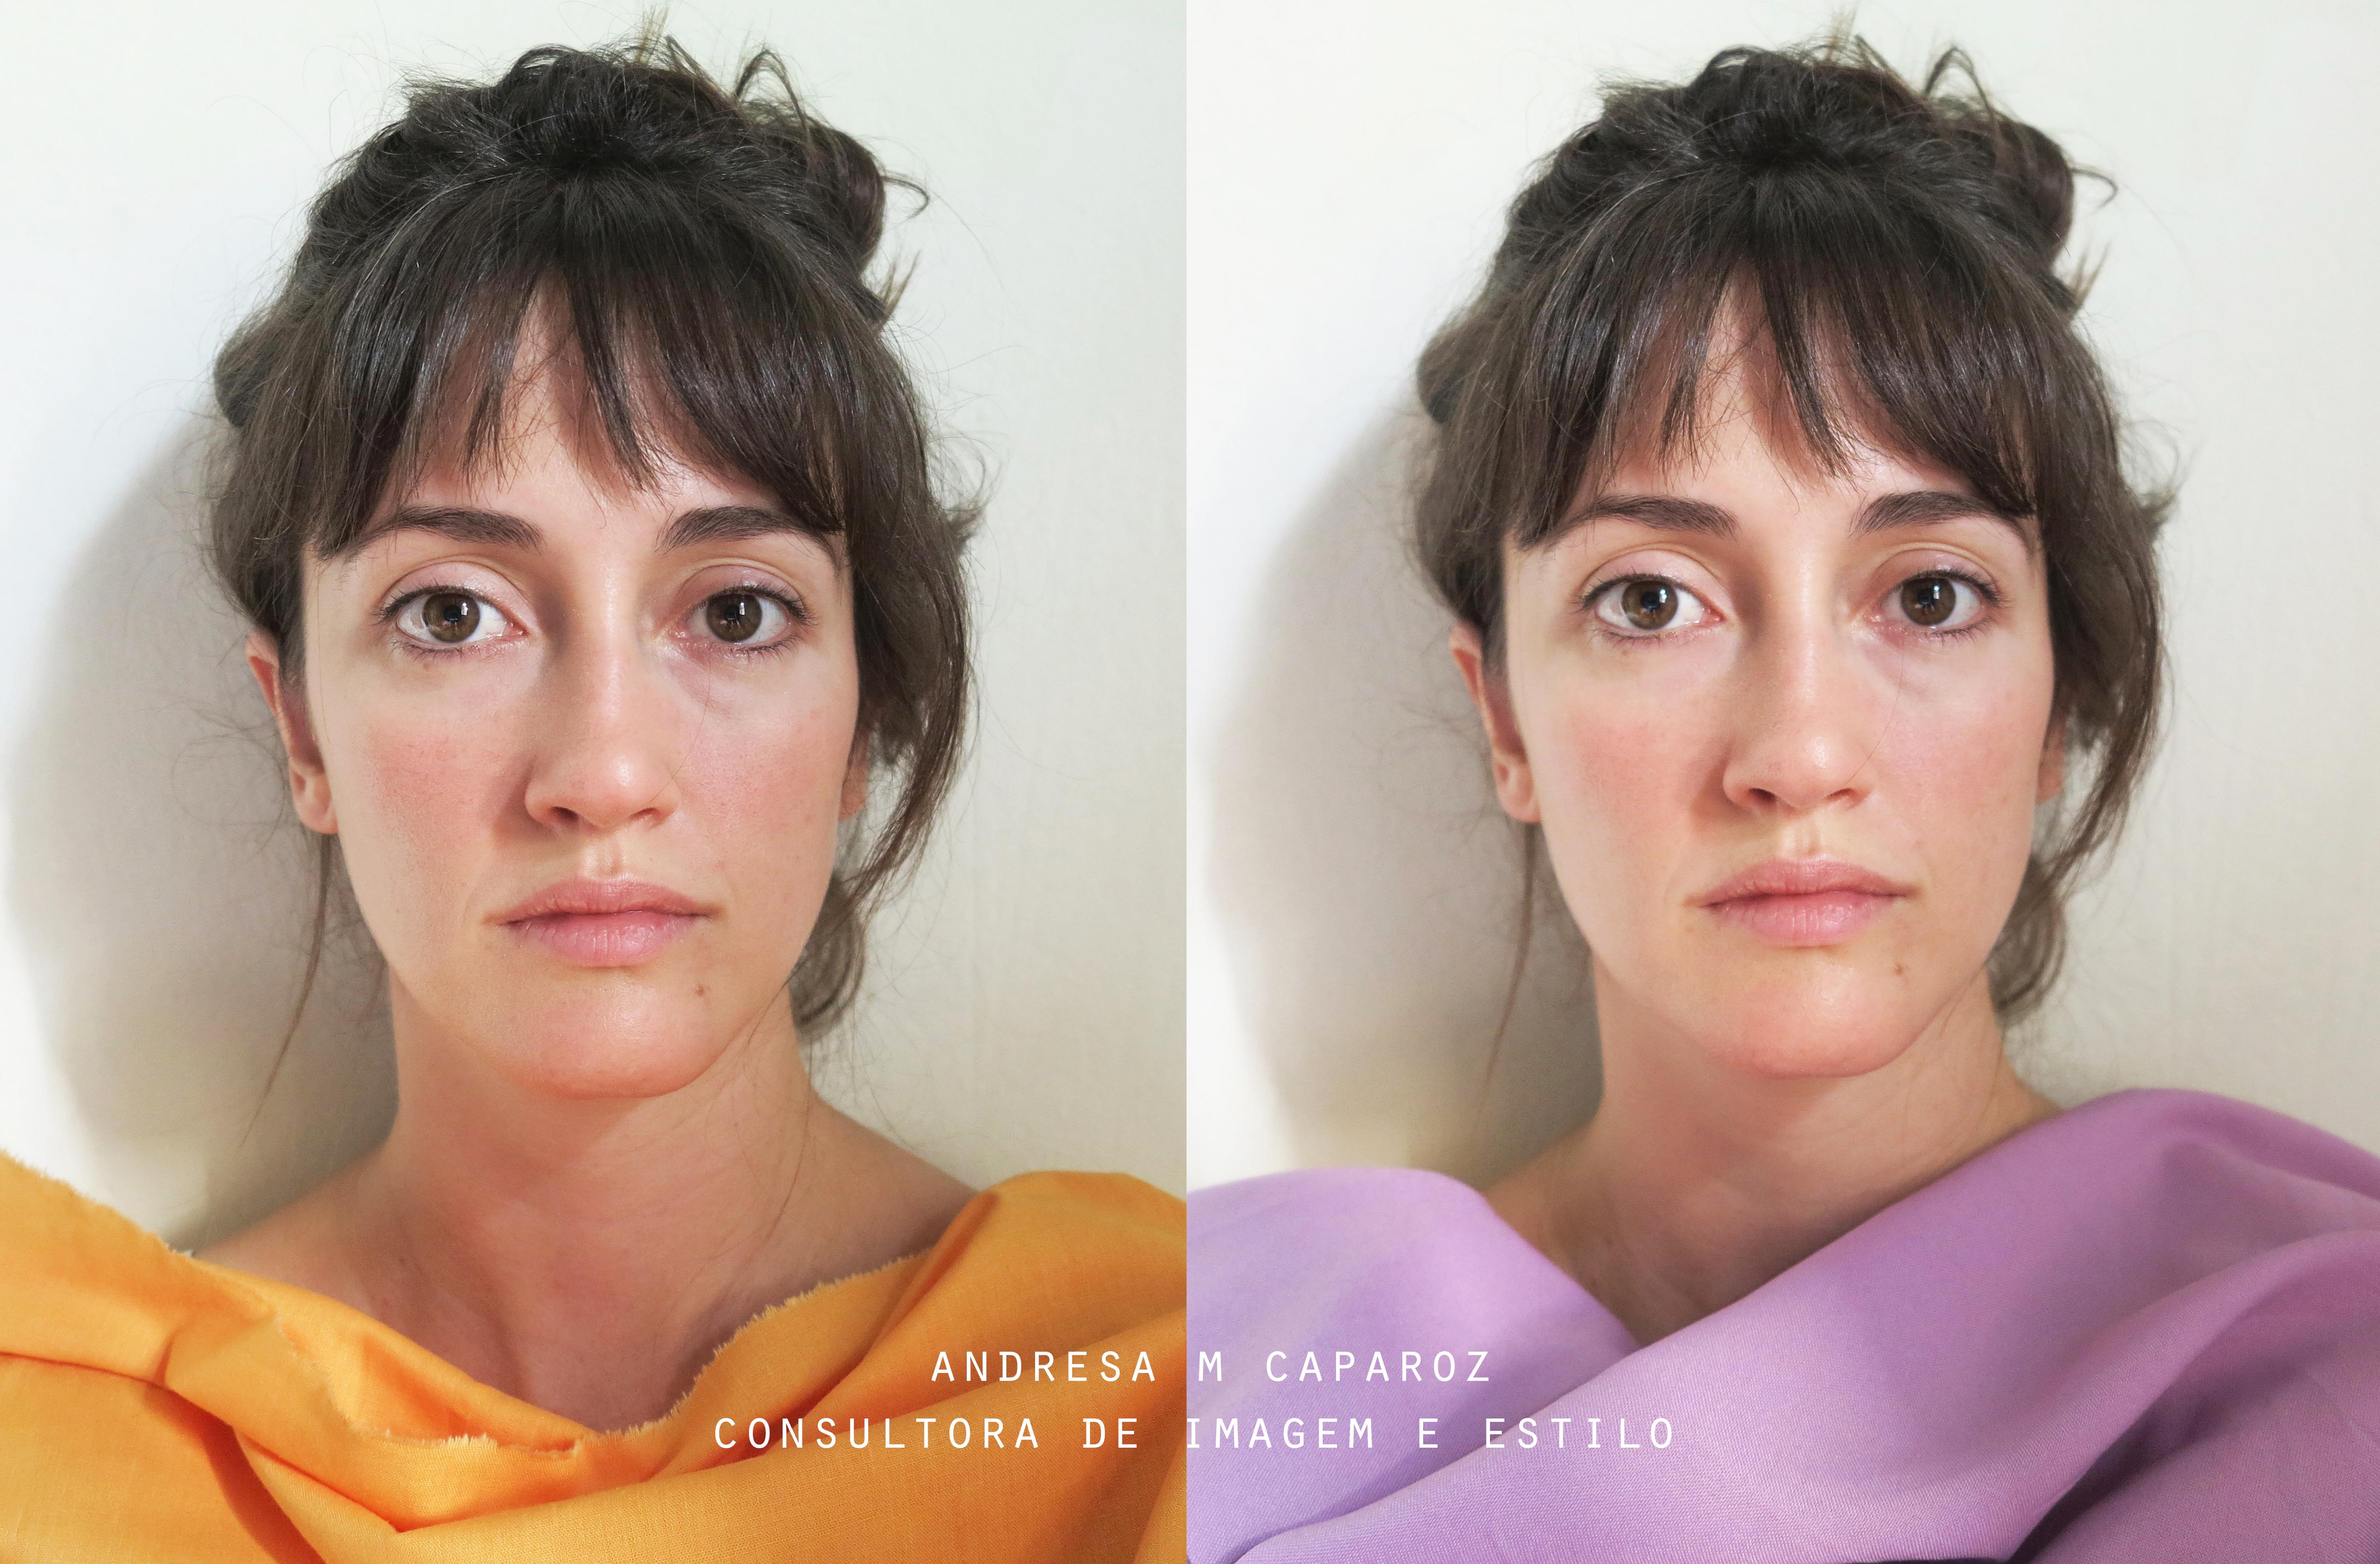 análise de coloração pessoal realizada pela consultora de imagem e estilo Andresa M Caparroz